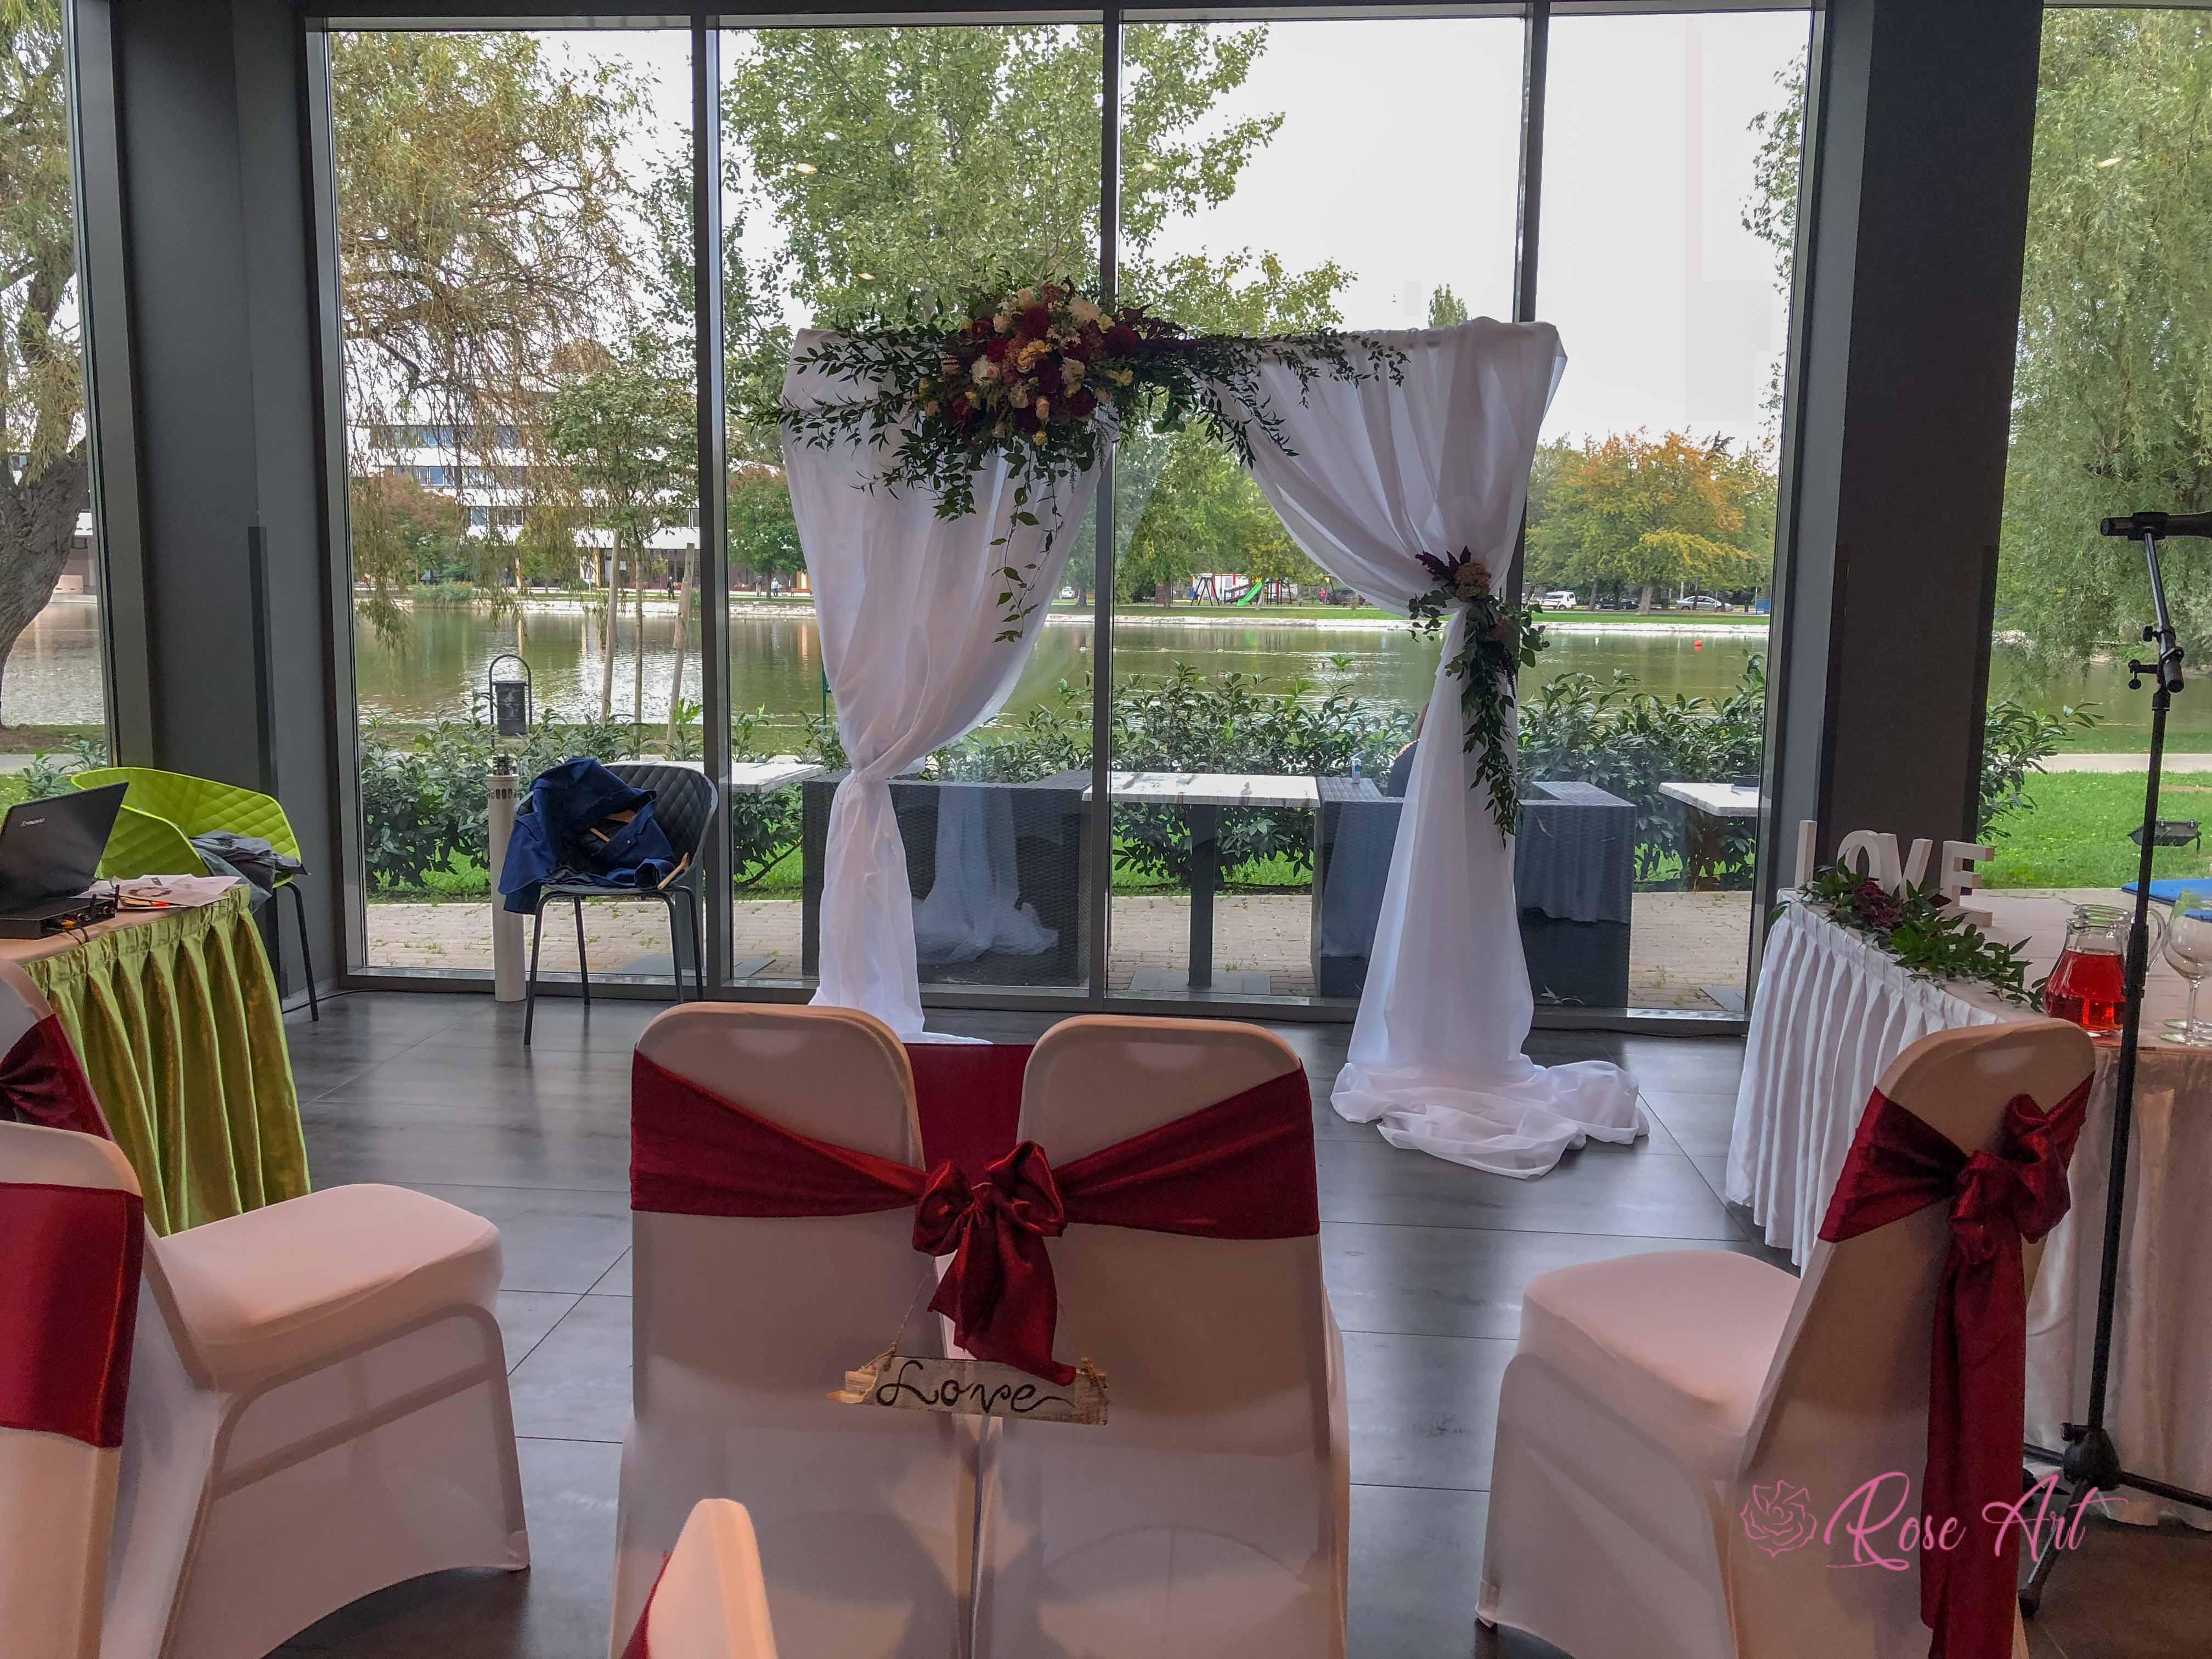 RoseArt Esküvő Klasszikus Bordó Körasztal Székszoknya Masni Szalvétadísz Boldogságkapu